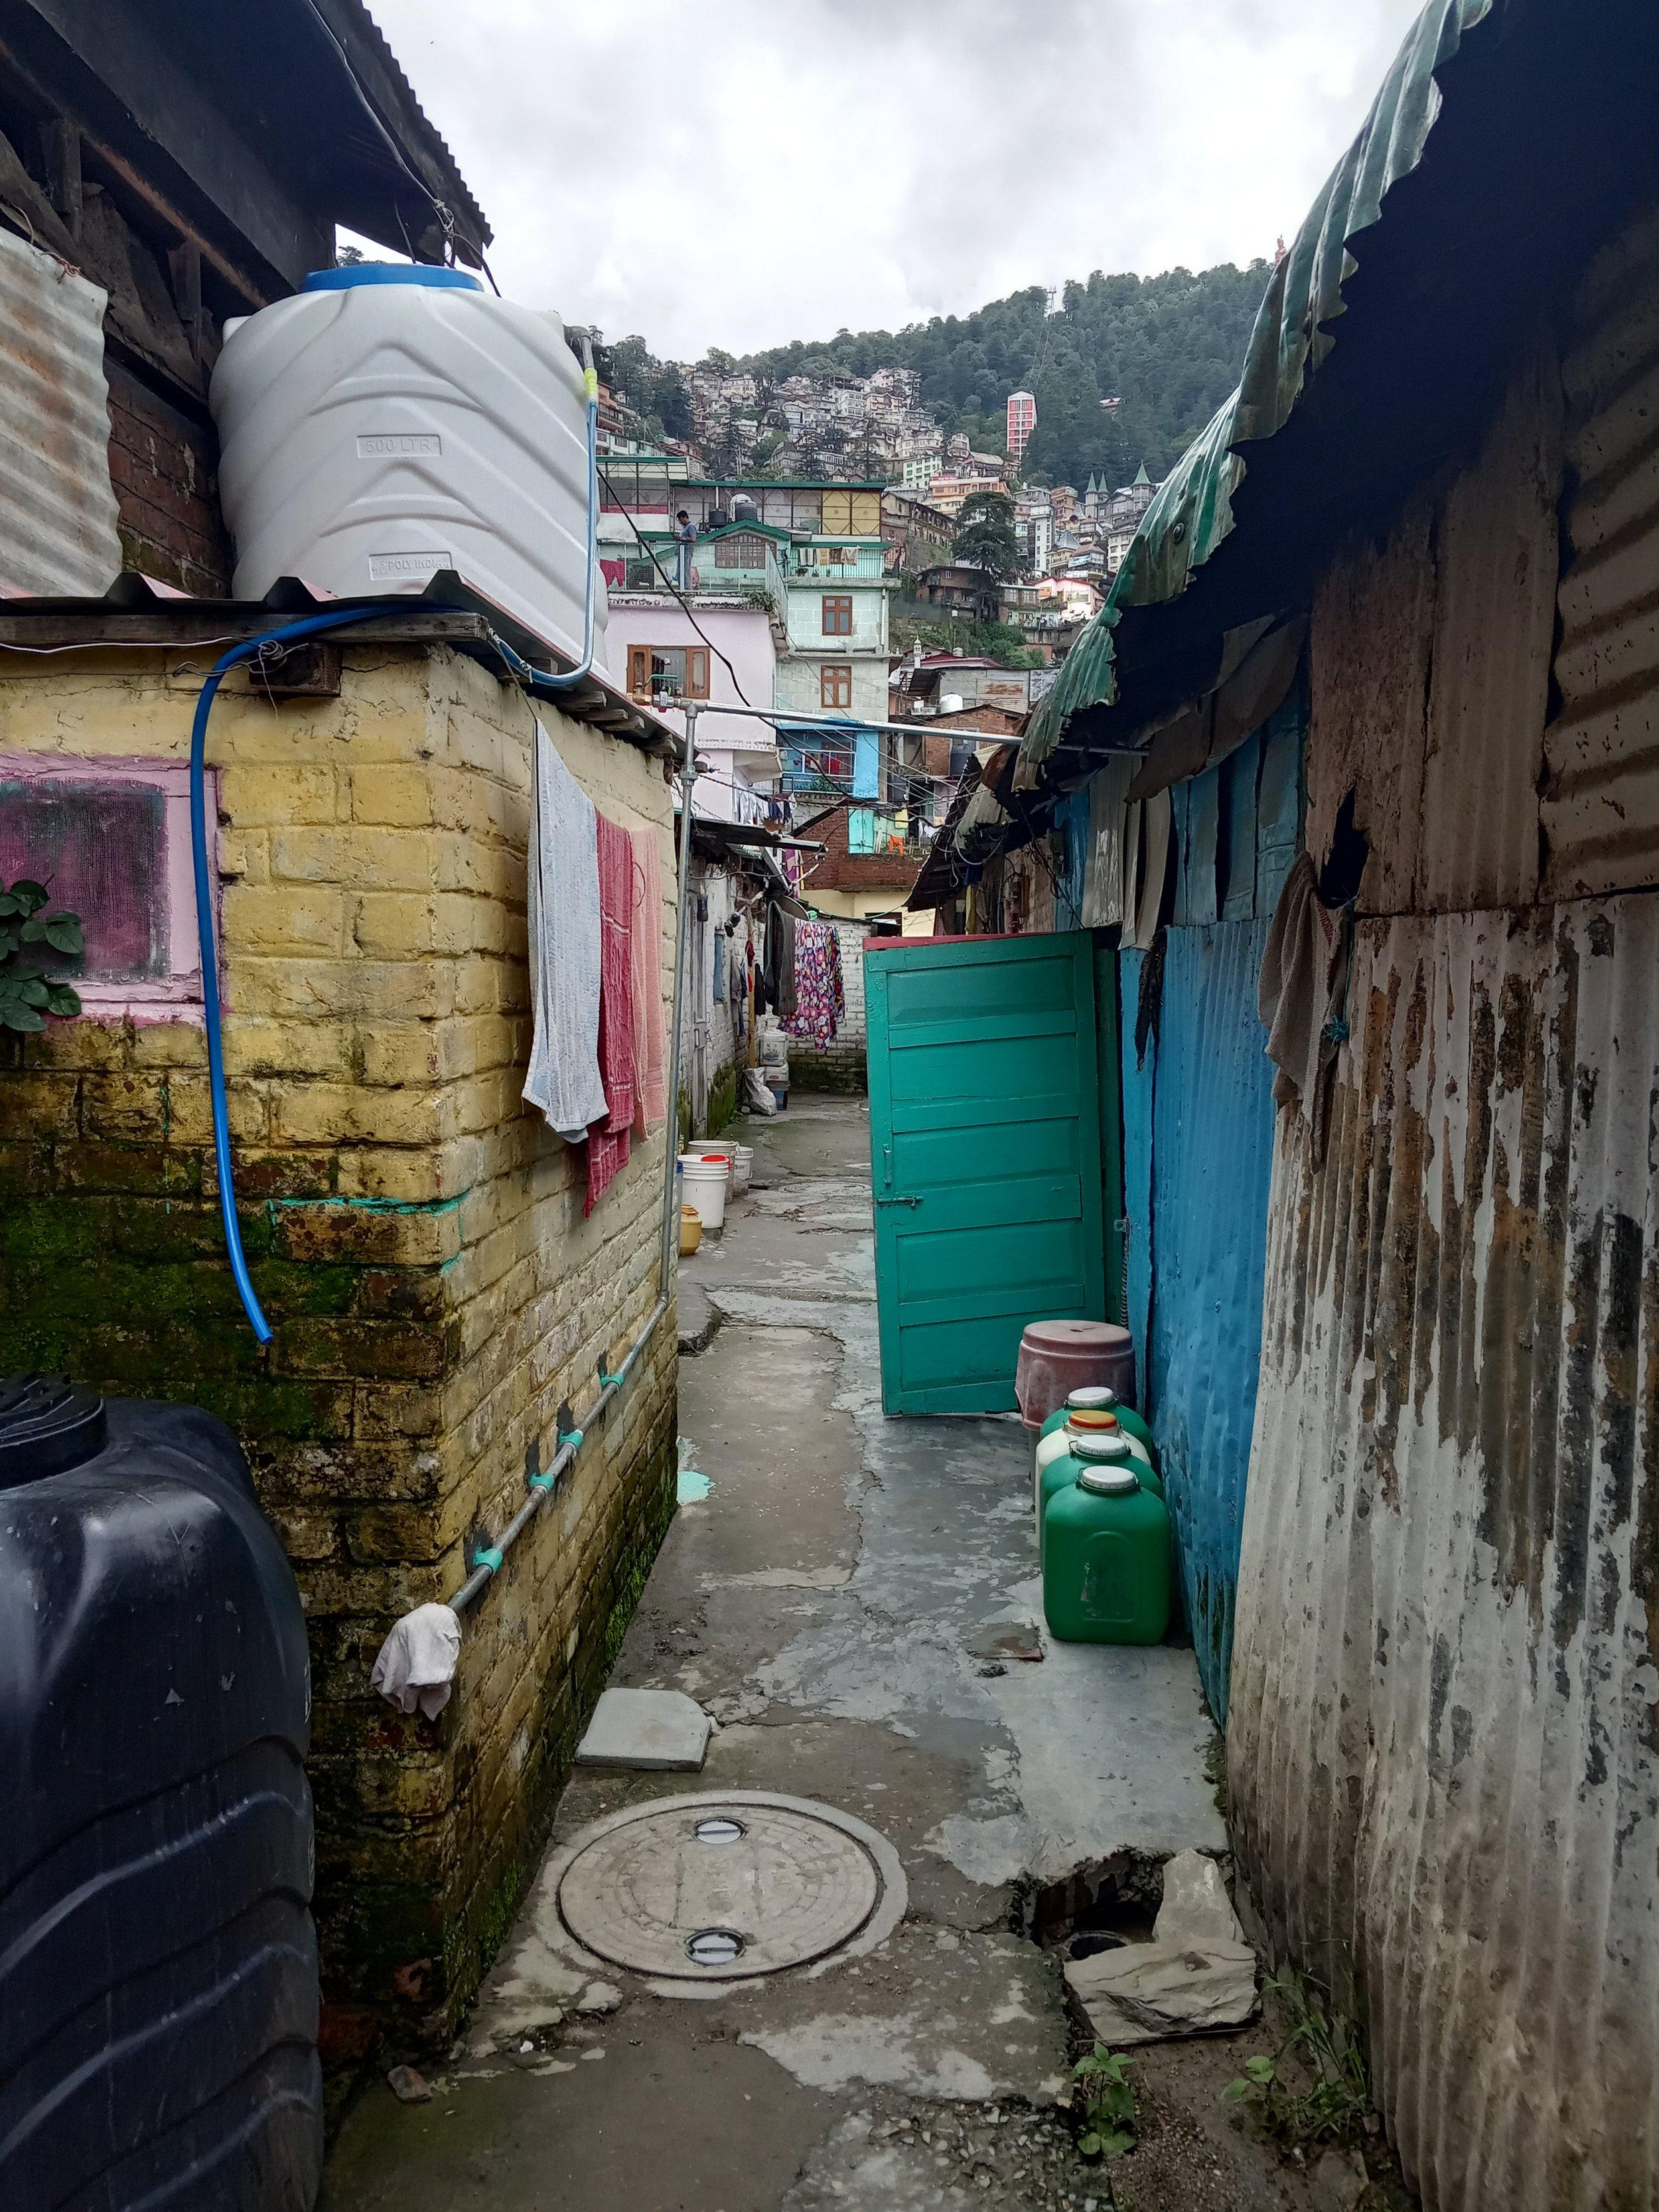 Houses below Cart Road